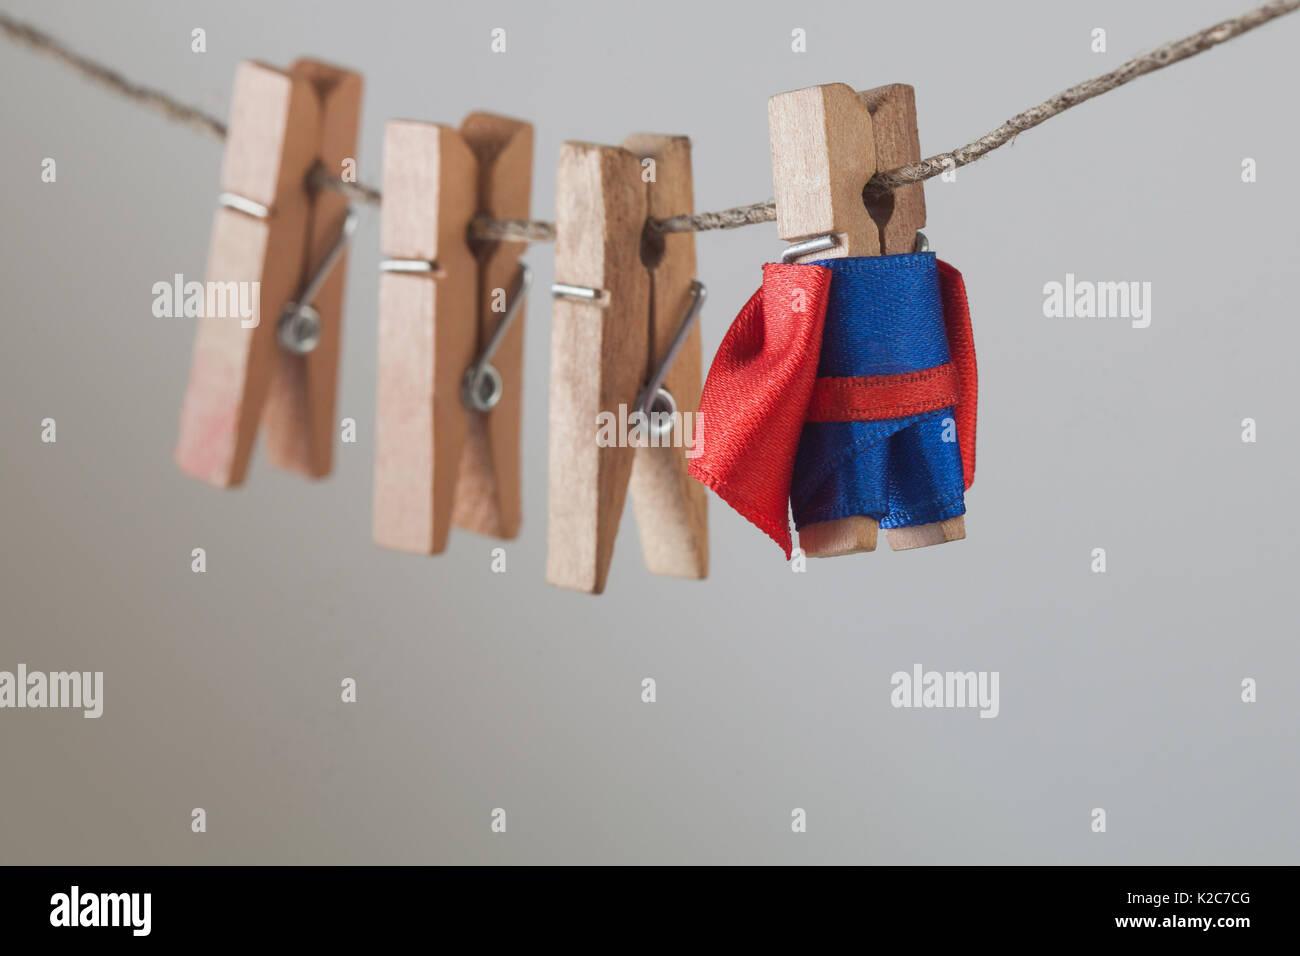 Mutigen Superhelden mit Holz Wäscheklammern team Freunde. Wäscheklammer leader Charakter in blauen Anzug roten Cape. grauen Farbverlauf Hintergrund. Soft Focus. Makro anzeigen Stockbild